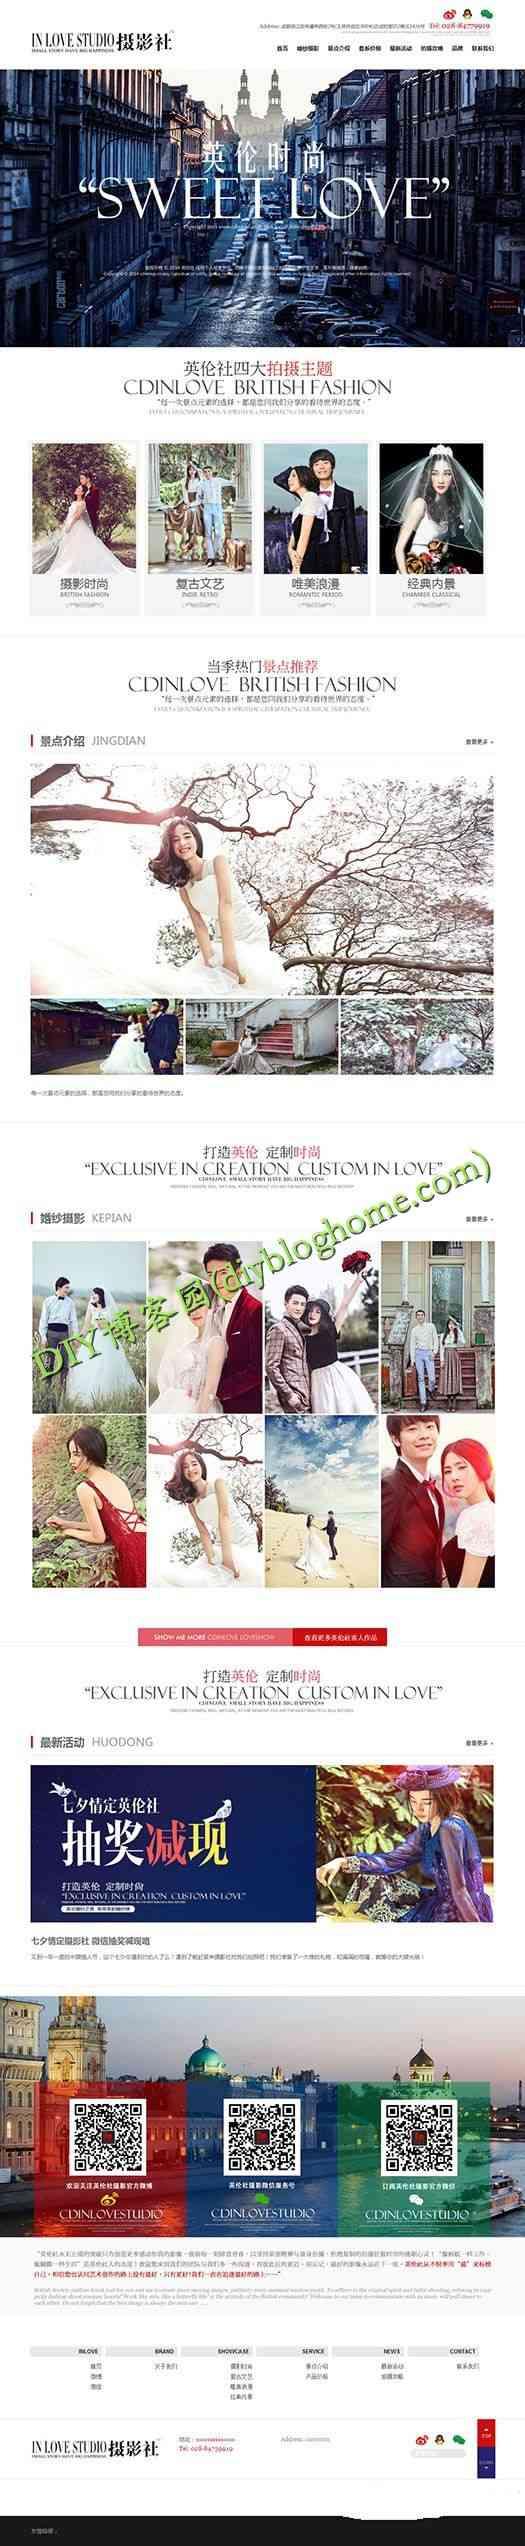 婚纱摄影社网站dedeCMS源码+英伦时尚织梦模版+带手机版